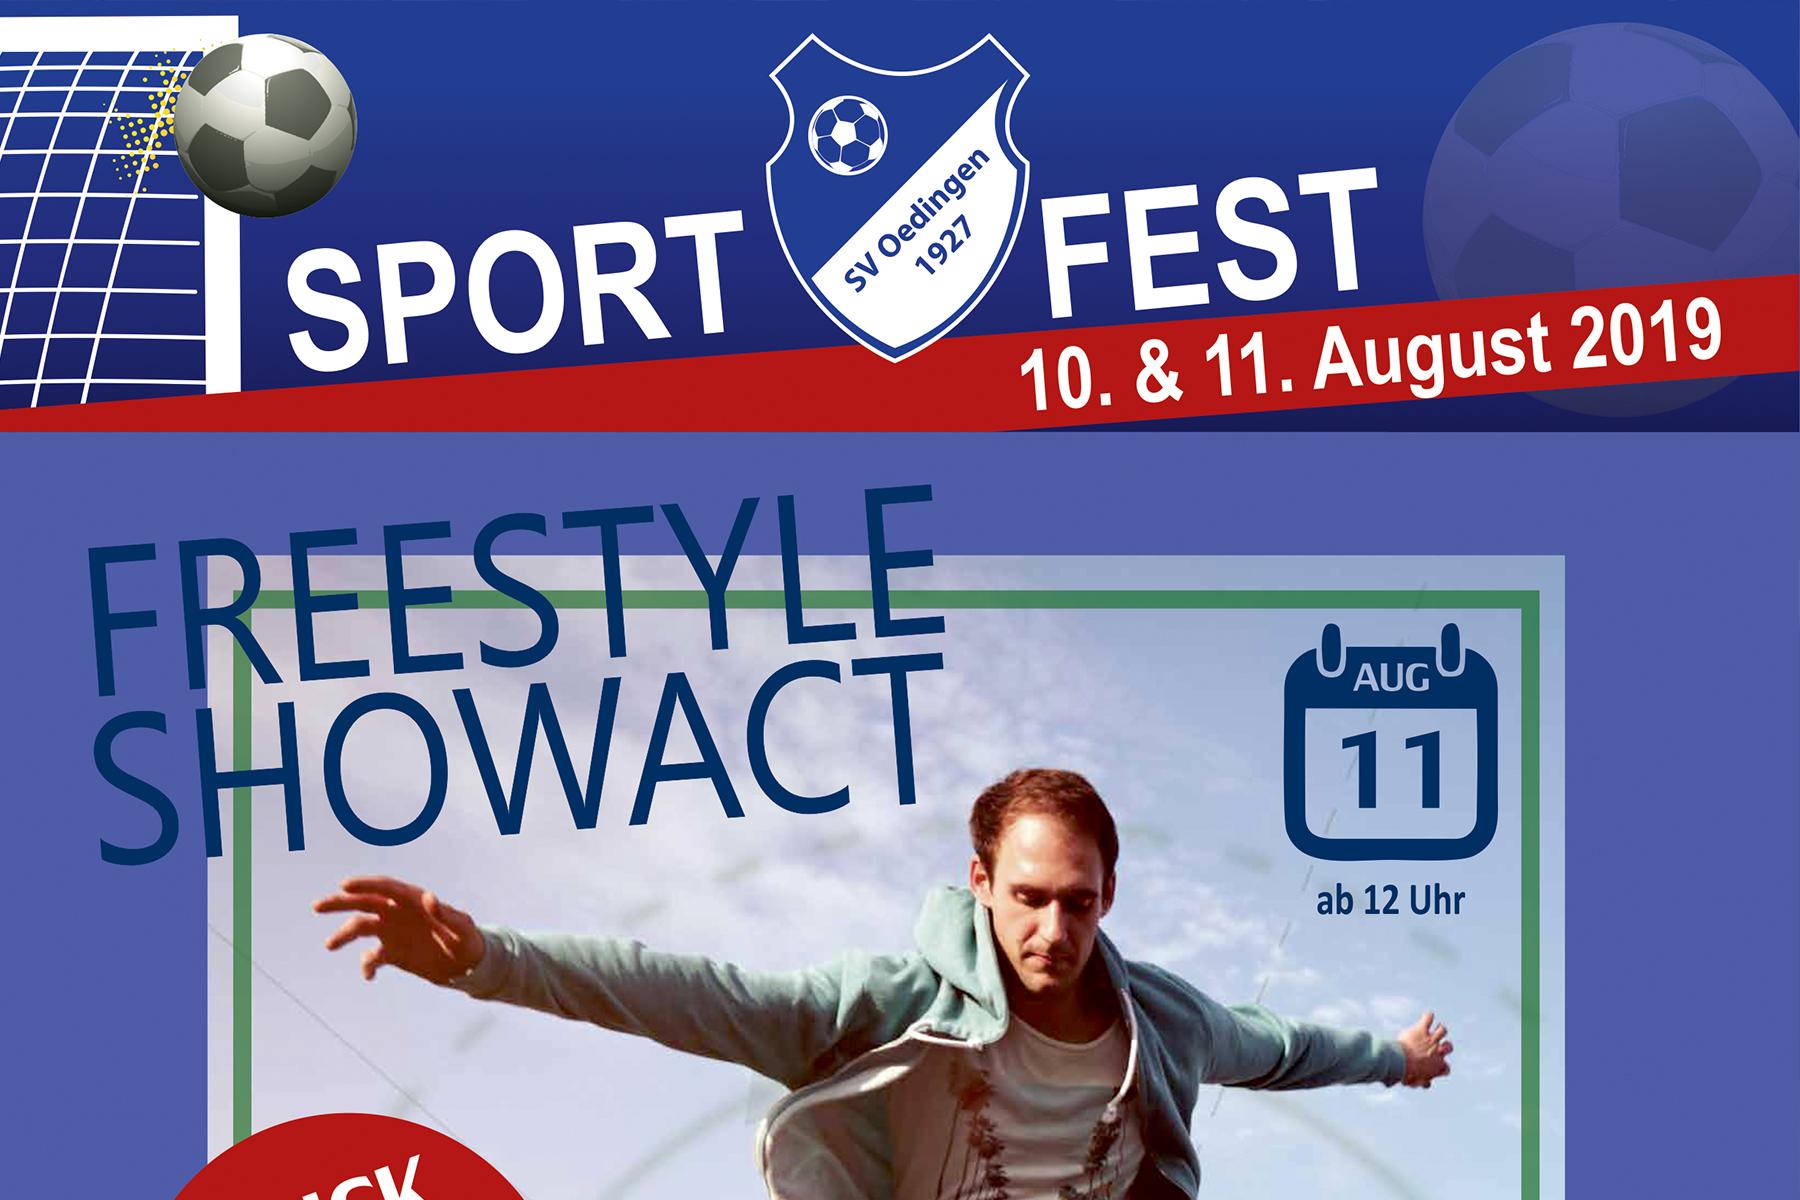 Bild von Sportfest in Oedingen